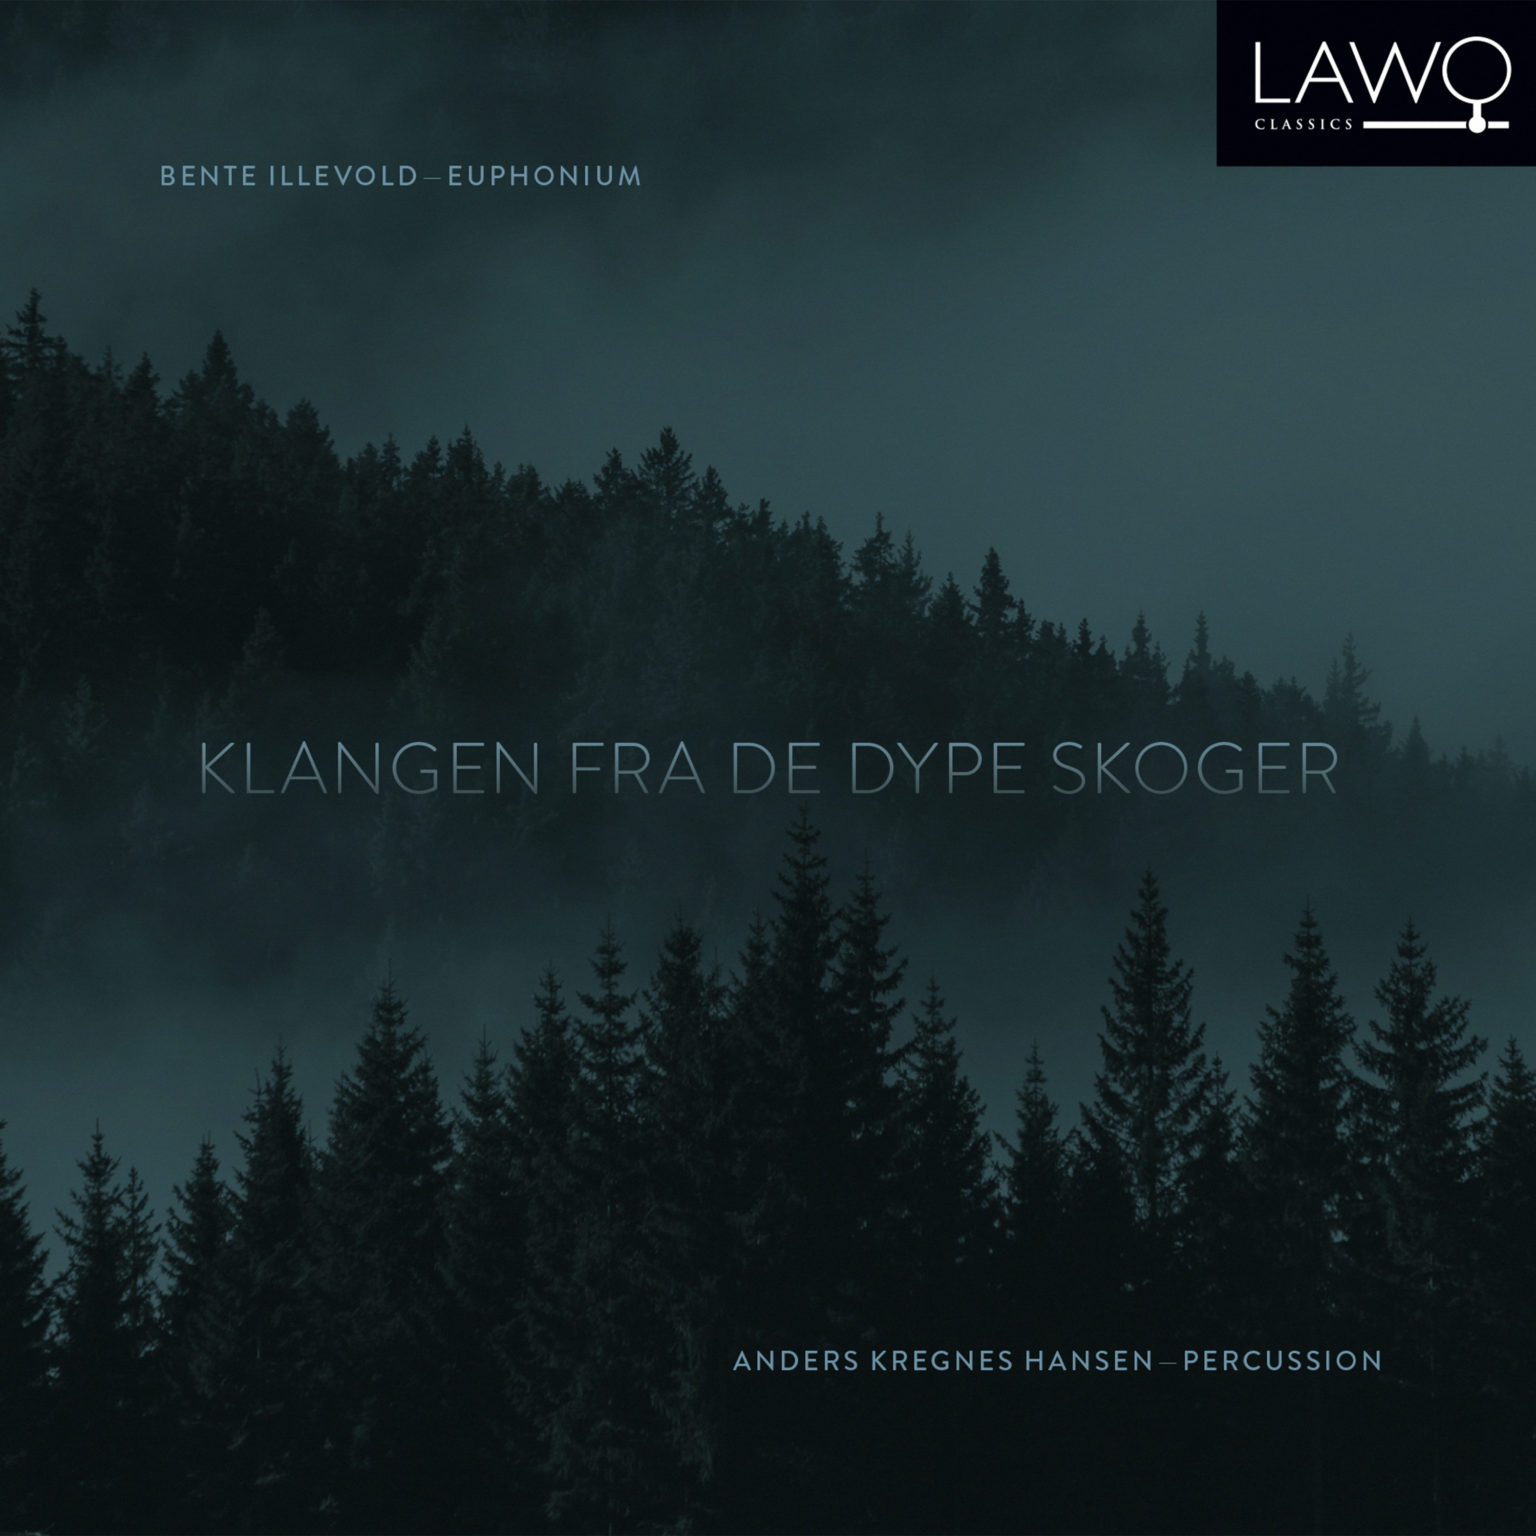 Click image for larger version.  Name:LWC1195_Bente_Illevold_Klangen_fra_de_dype_skoger_cover_3000x3000px-1536x1536.jpg Views:215 Size:174.8 KB ID:7720